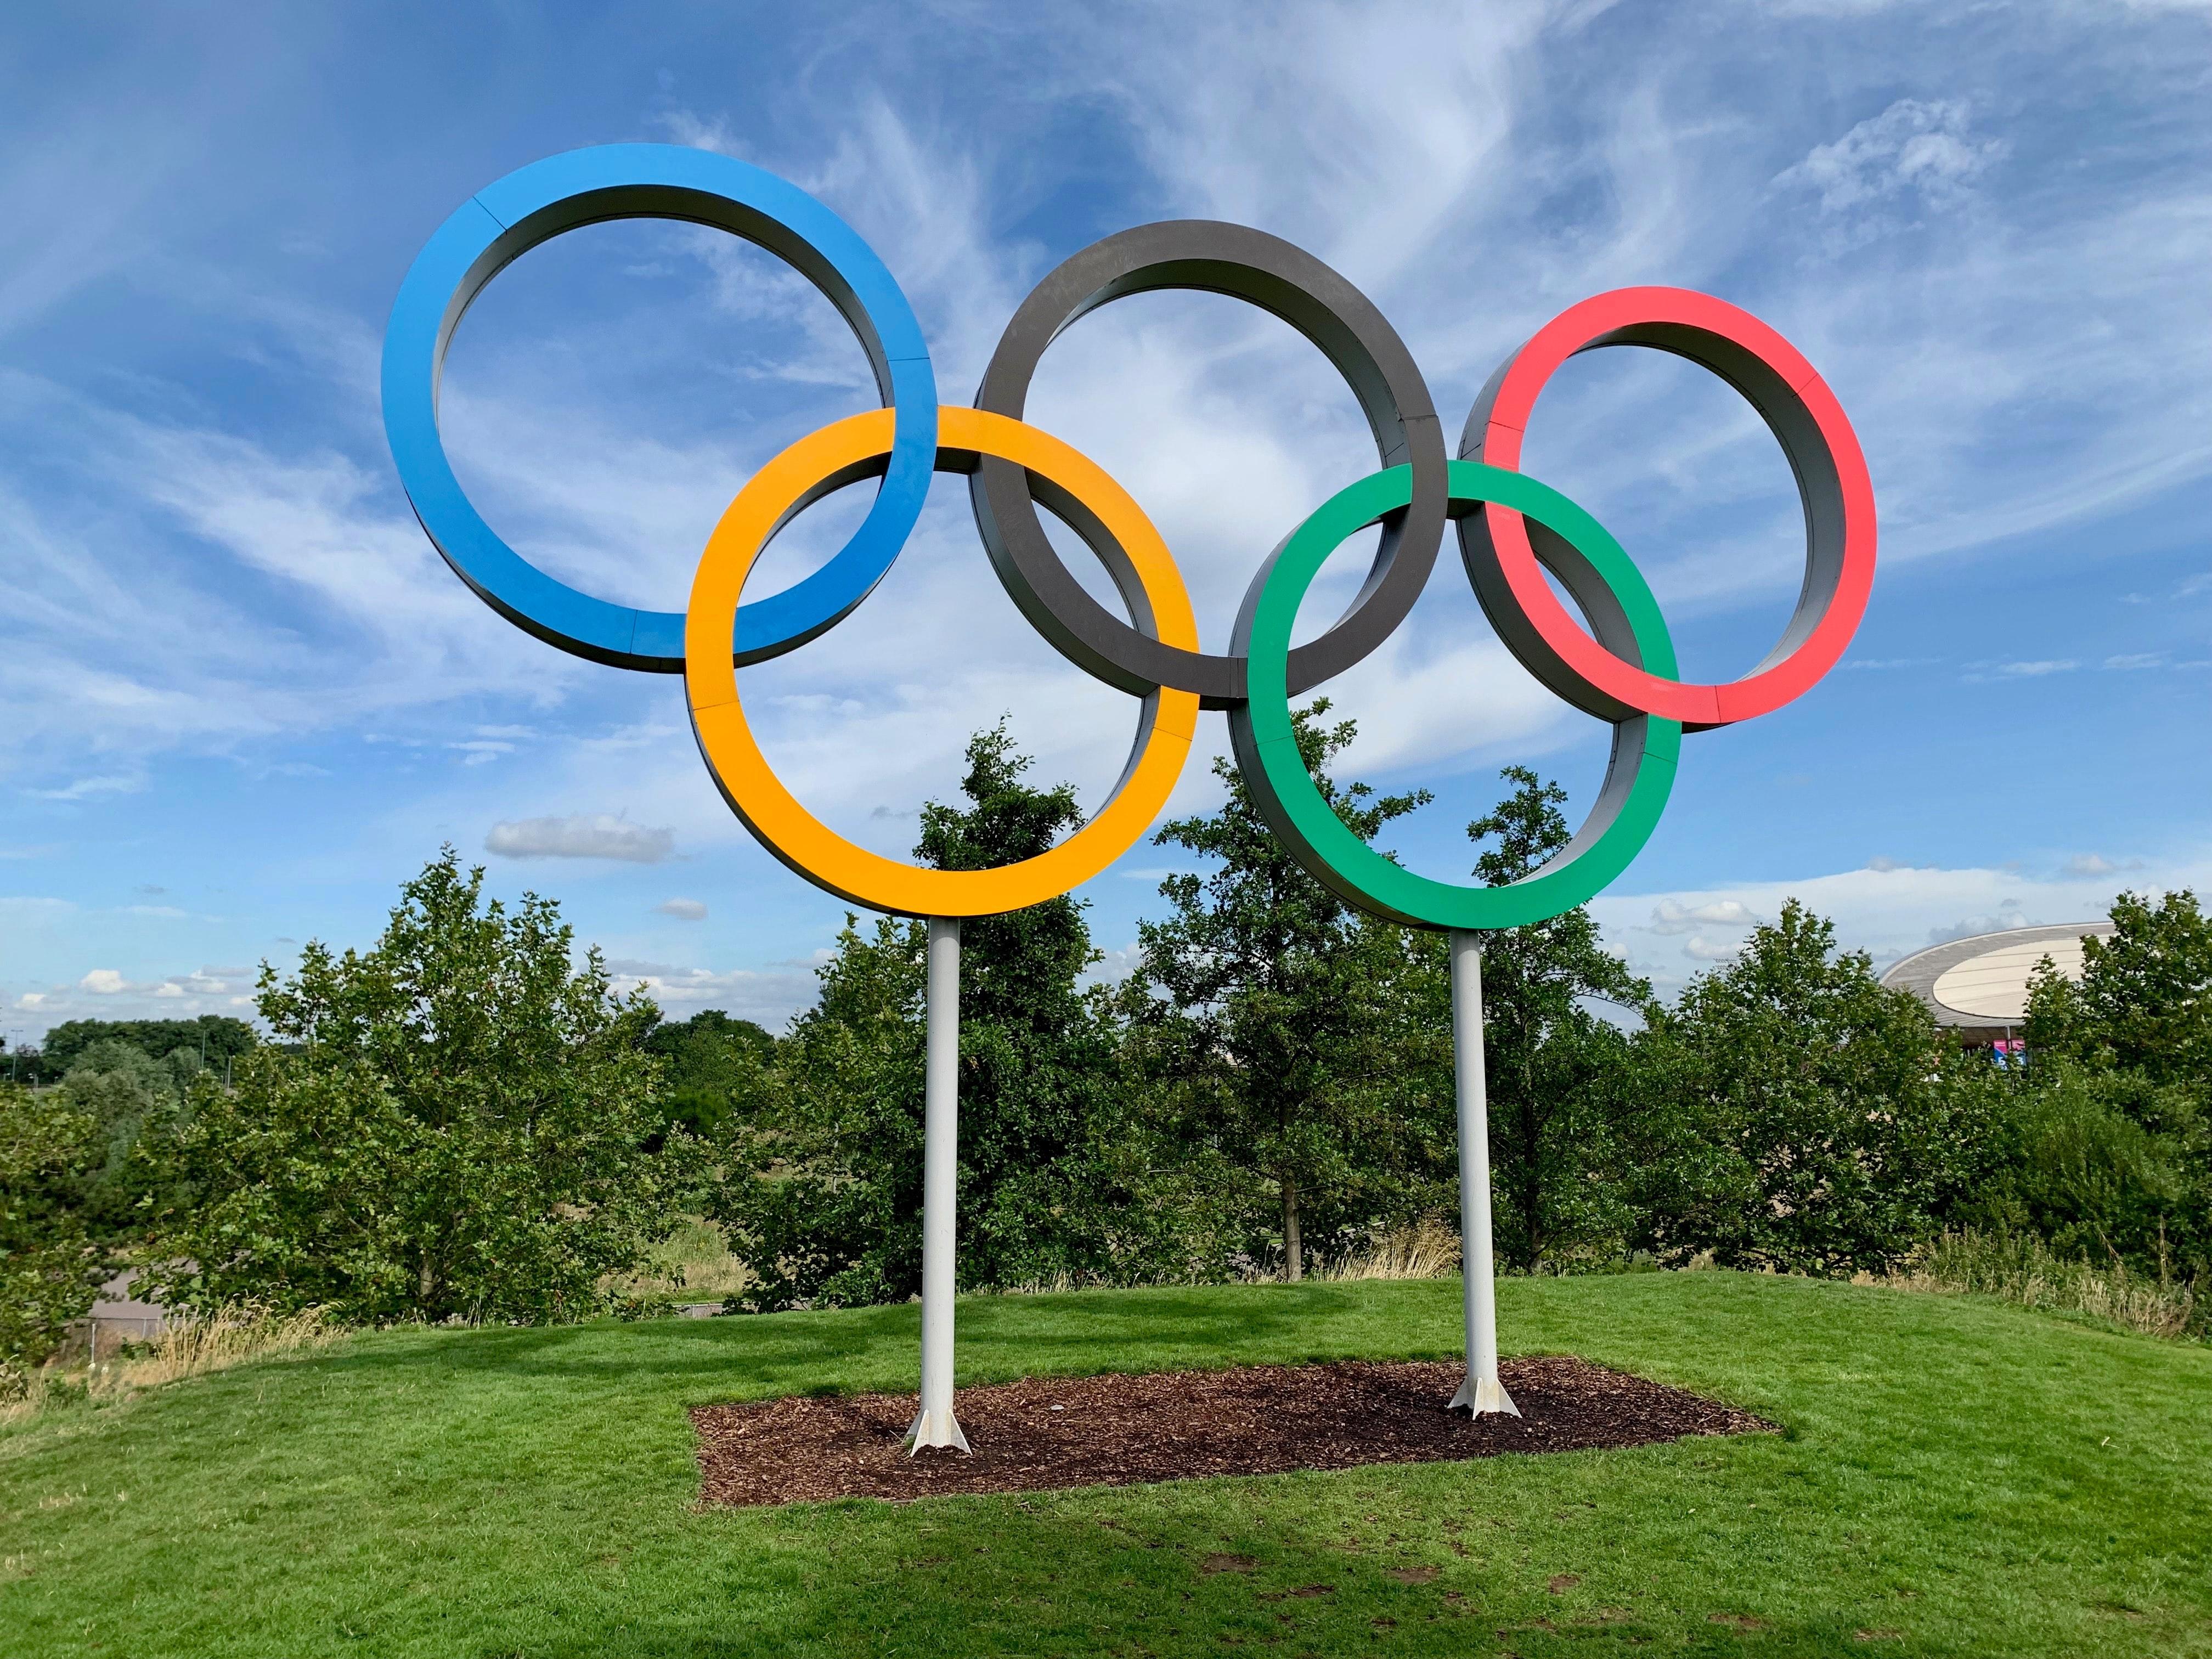 Jamie Kermond test positief op cocaïne: Olympische Spelen over